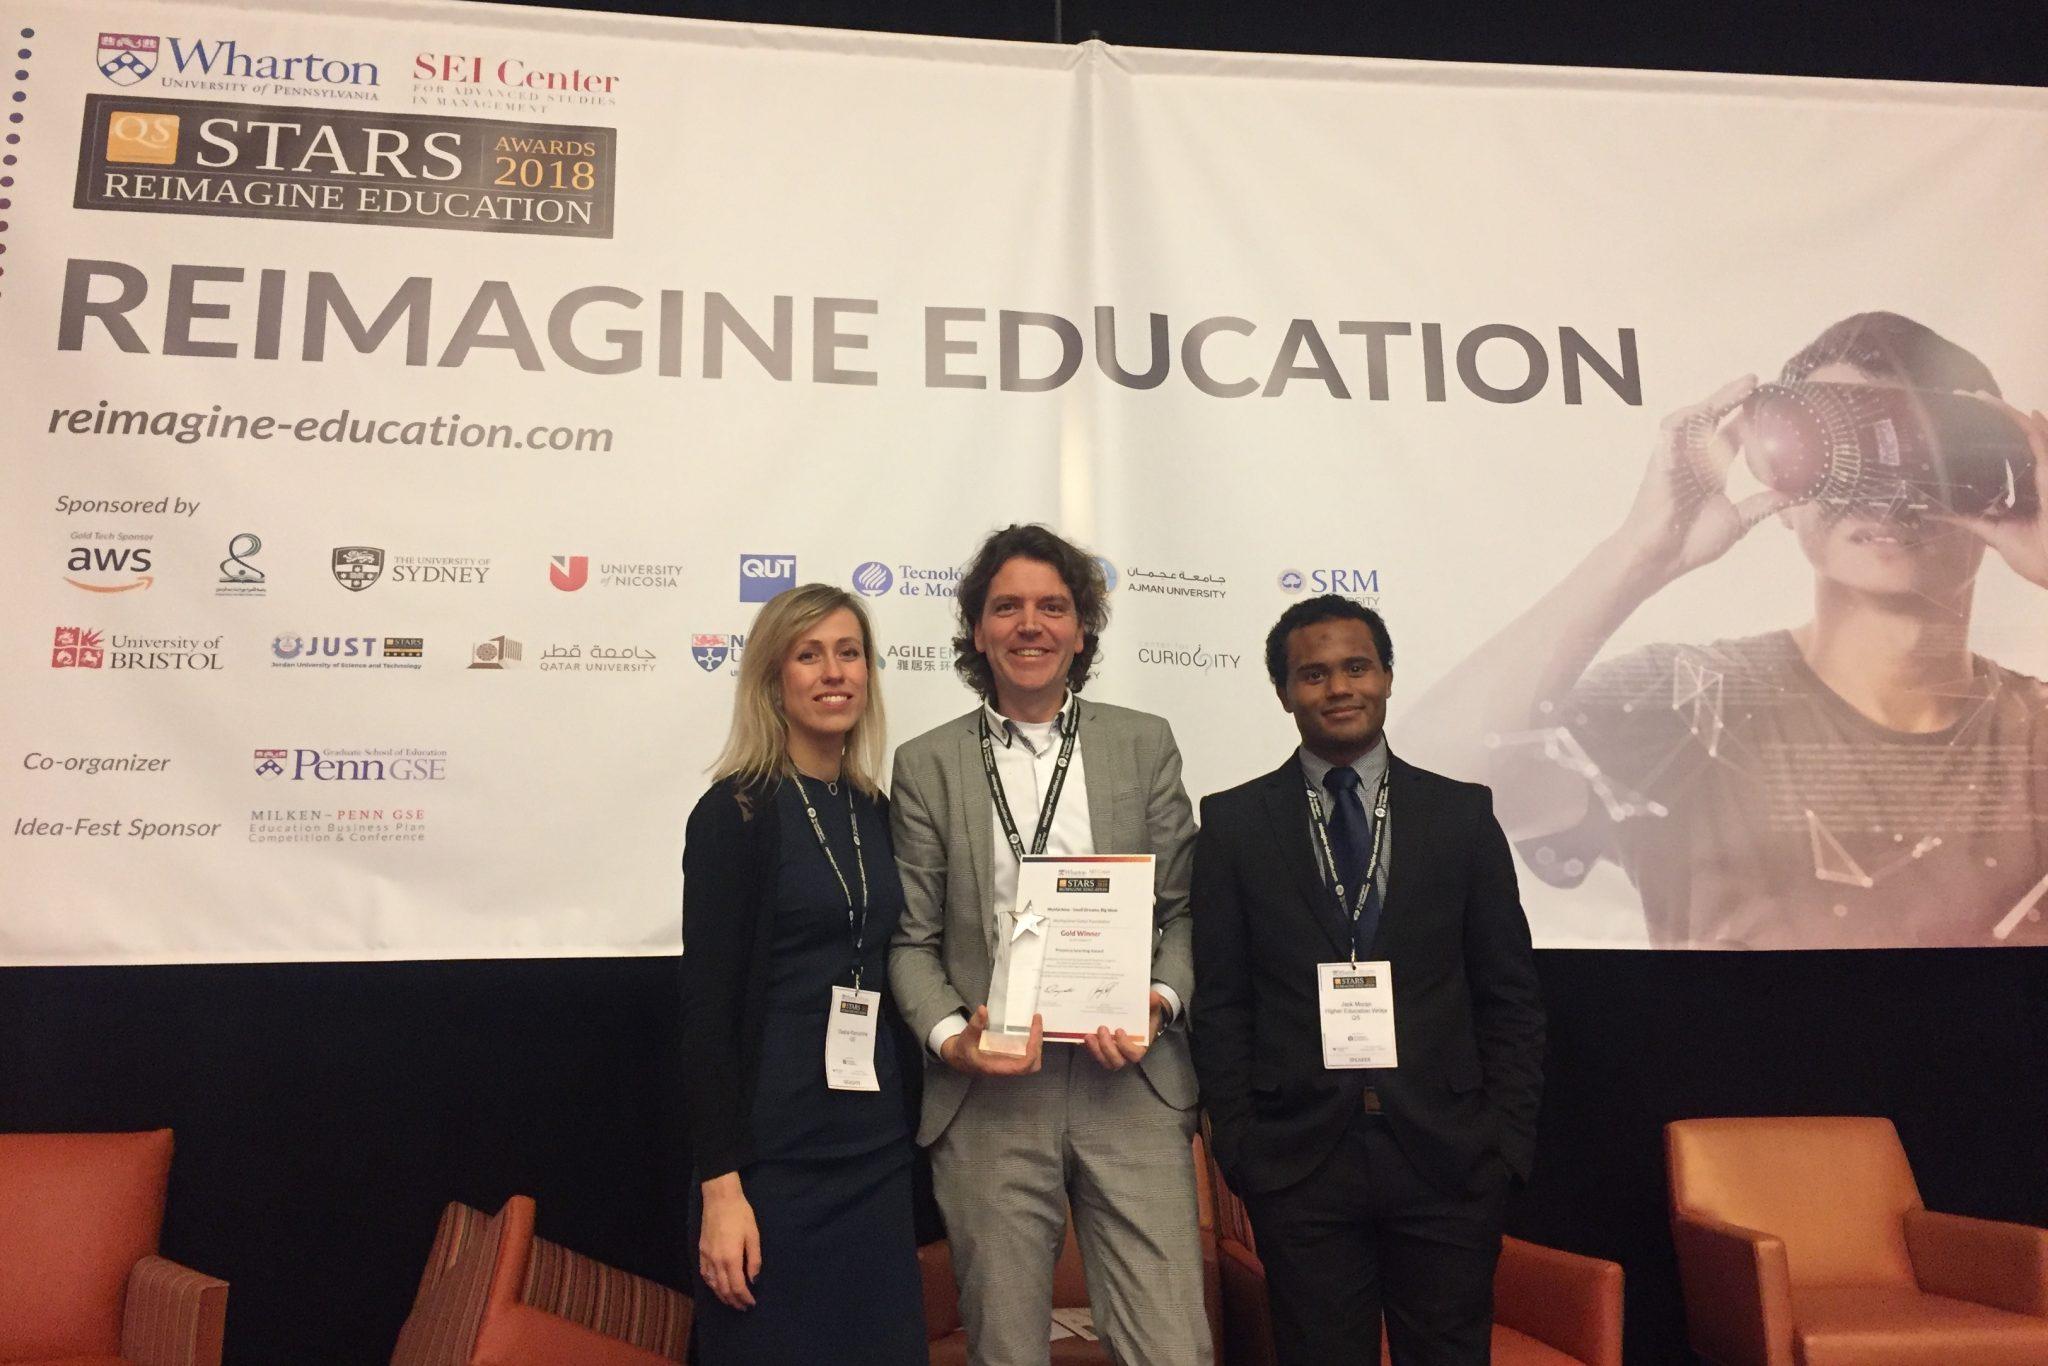 MyMachine wint Reimagine Education Presence Learning: Gold Winner 2018 award in Philadelphia